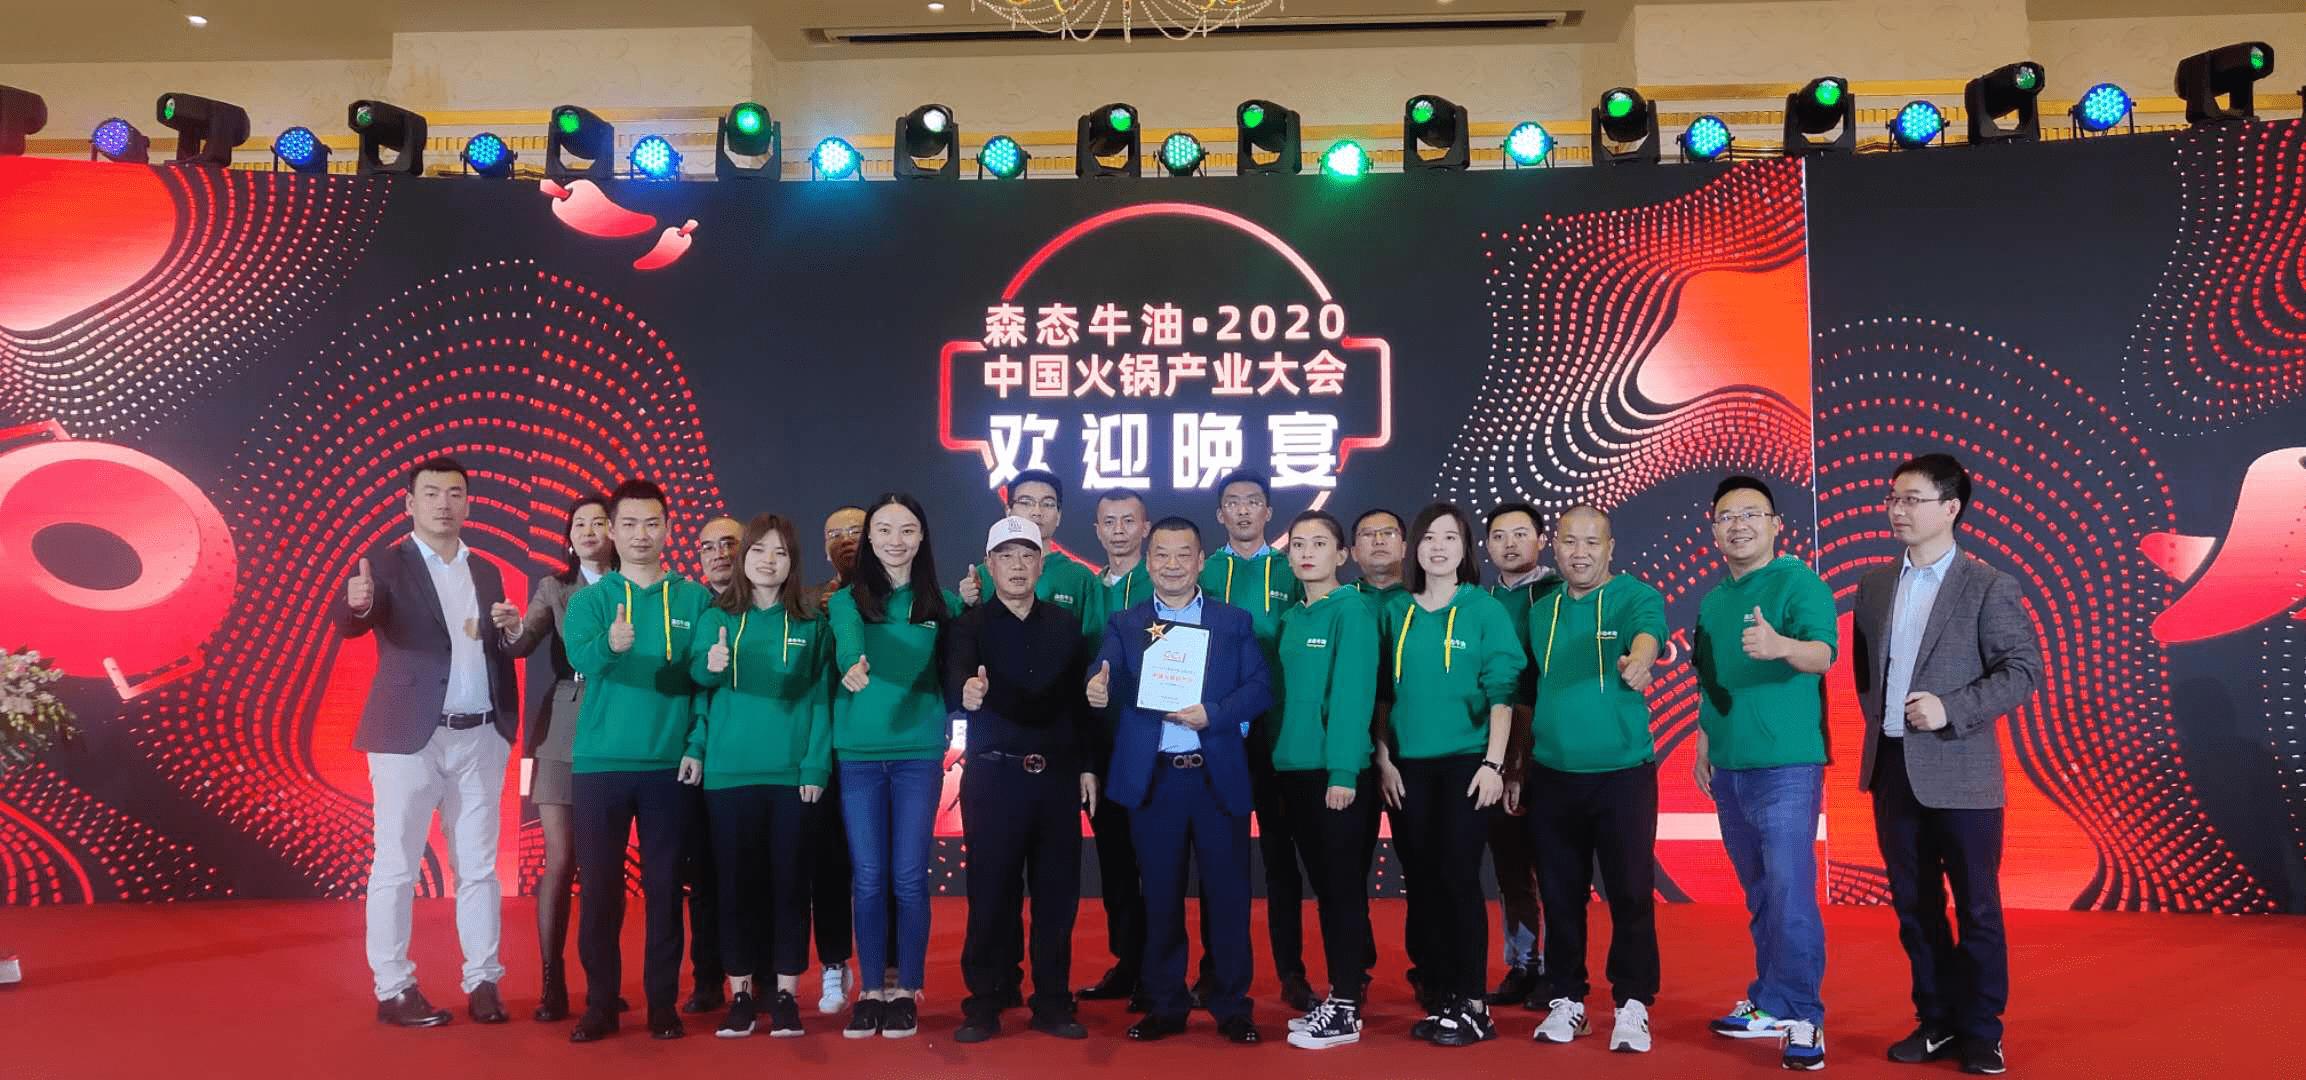 2020中国火锅产业大会在沪圆满收官——森态牛油引领火锅新风尚插图(6)